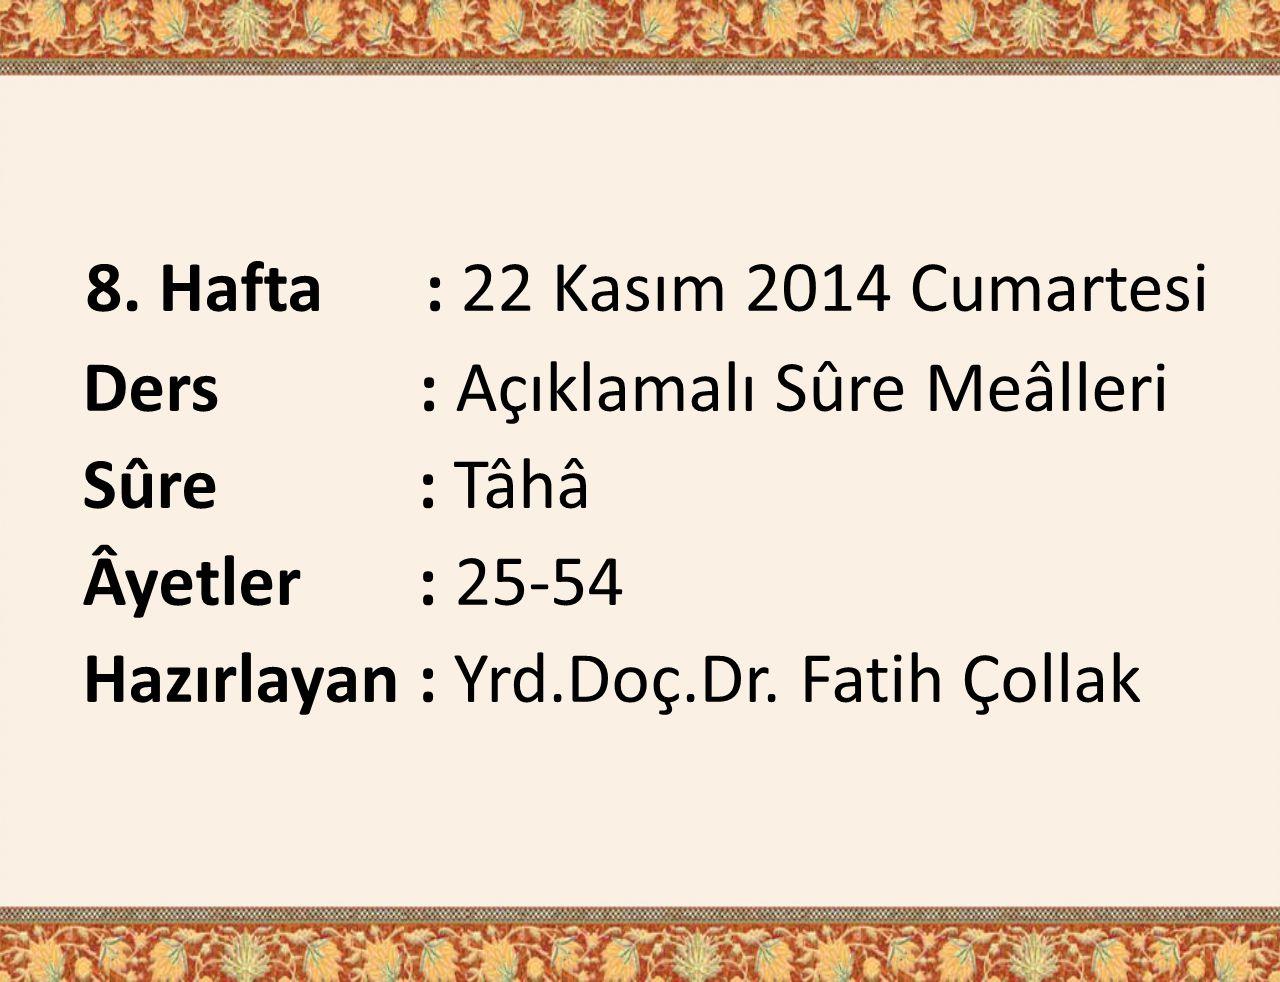 8. Hafta : 22 Kasım 2014 Cumartesi Ders : Açıklamalı Sûre Meâlleri Sûre : Tâhâ Âyetler : 25-54 Hazırlayan : Yrd.Doç.Dr. Fatih Çollak